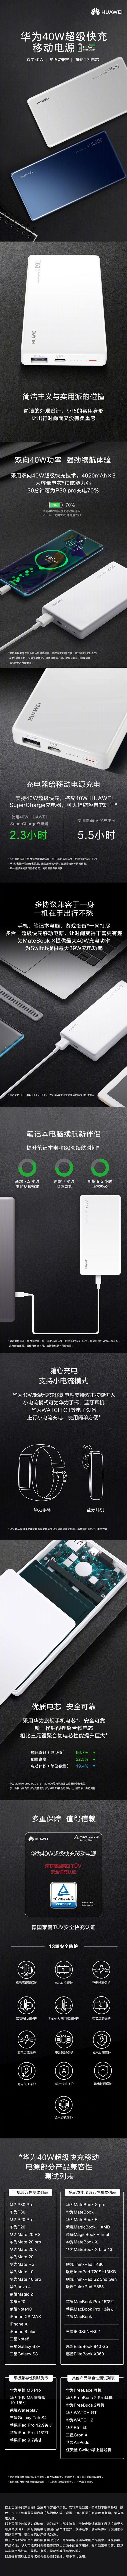 Ёмкий и мощный мобильный аккумулятор от Huawei – фото 2